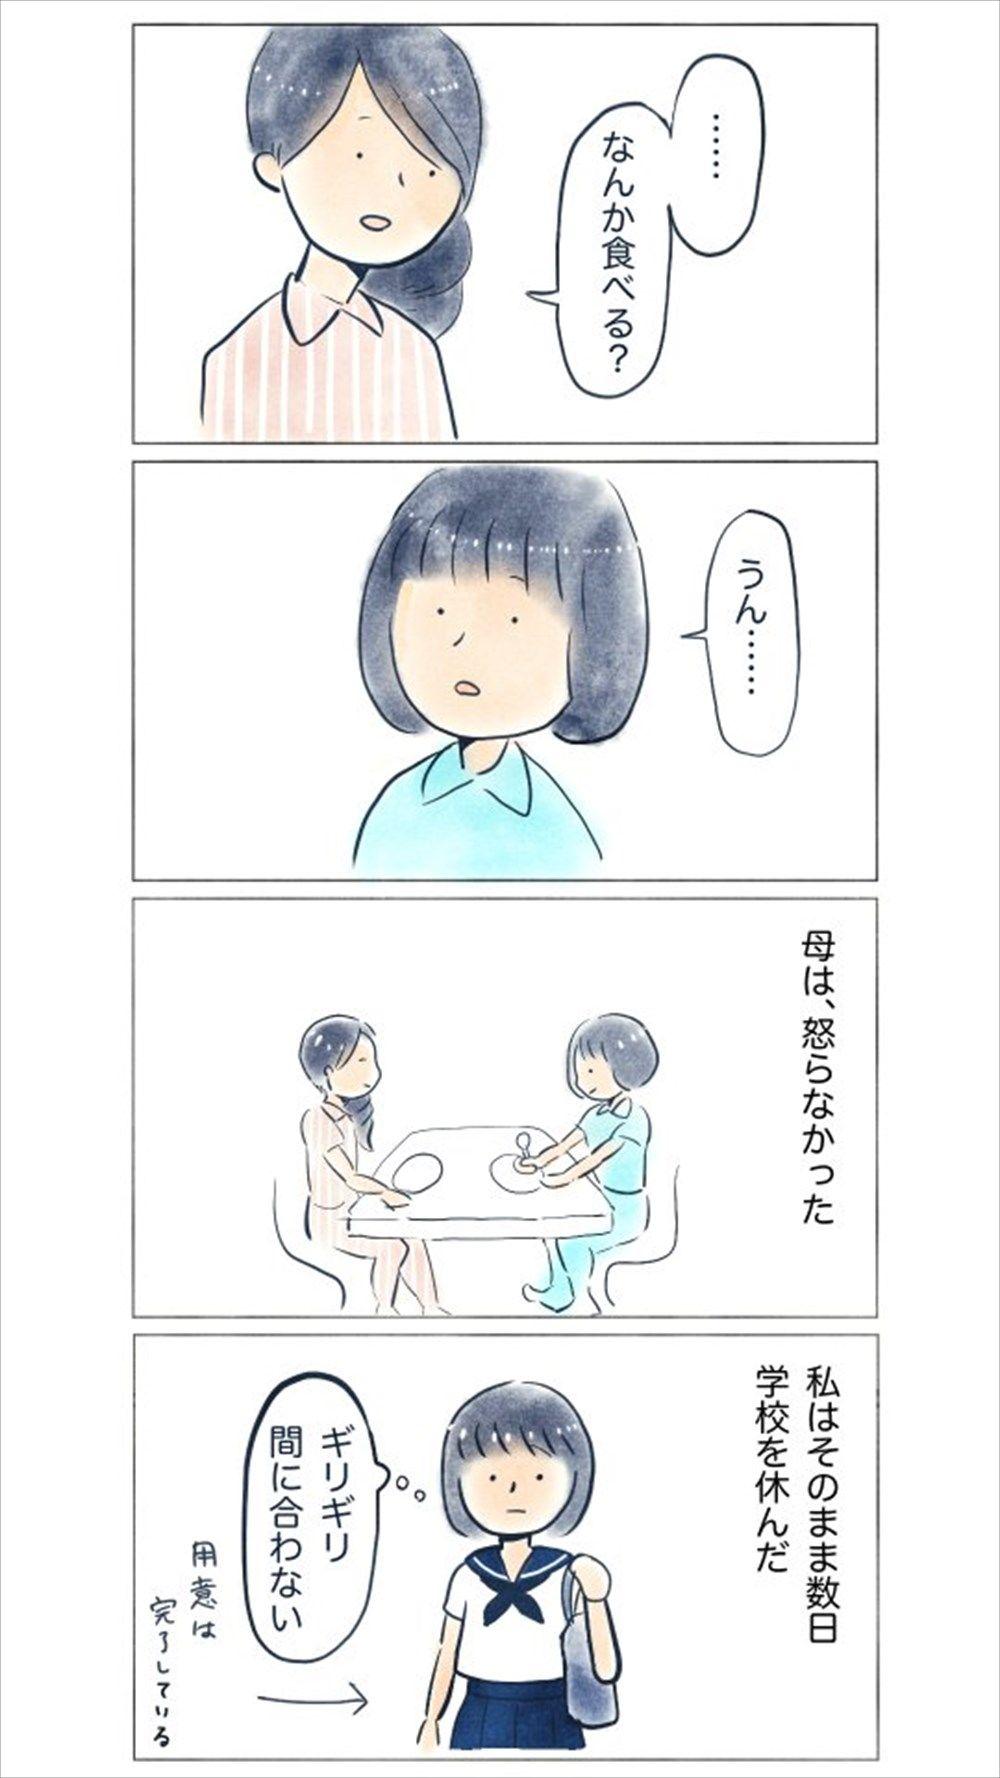 あなたならどうする 娘が学校に行かないとき 母のとった行動に感動の声 感動 学校 子育て 漫画